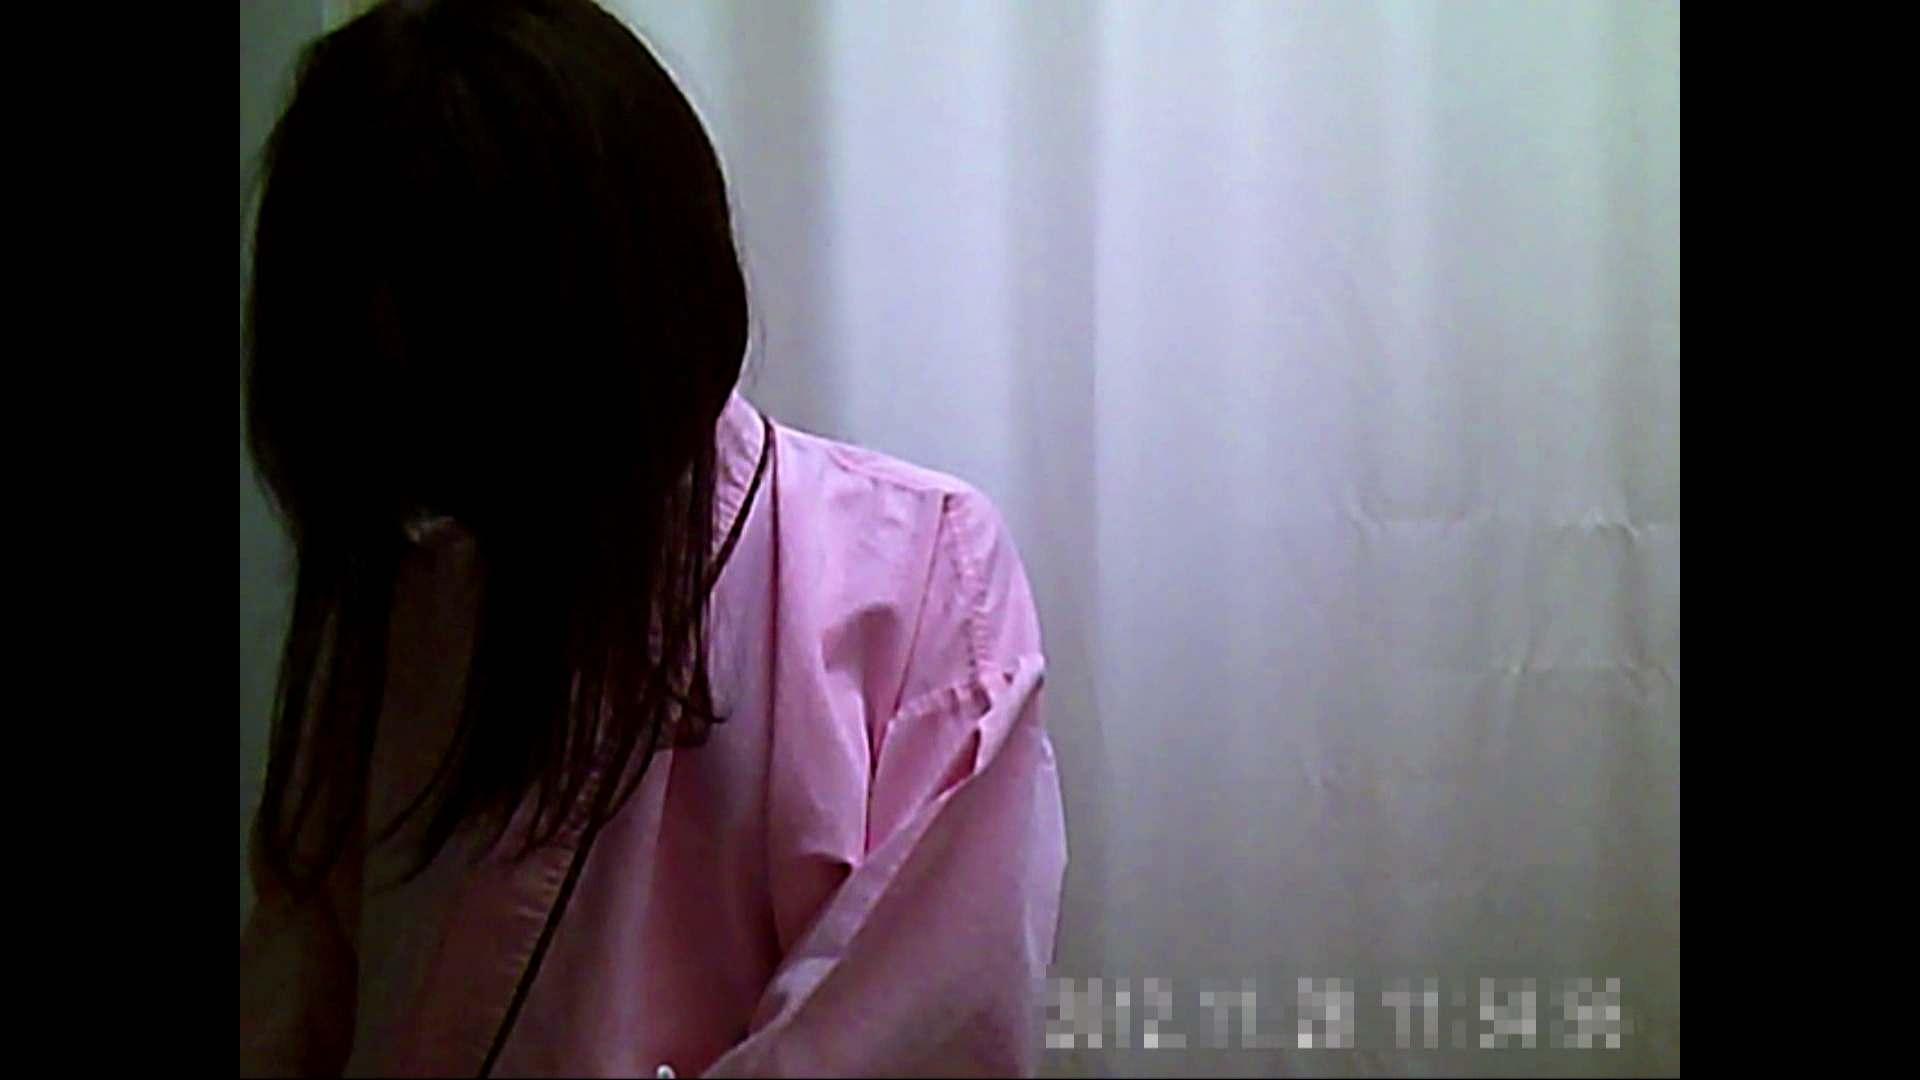 元医者による反抗 更衣室地獄絵巻 vol.135 色っぽいOL達  77pic 54